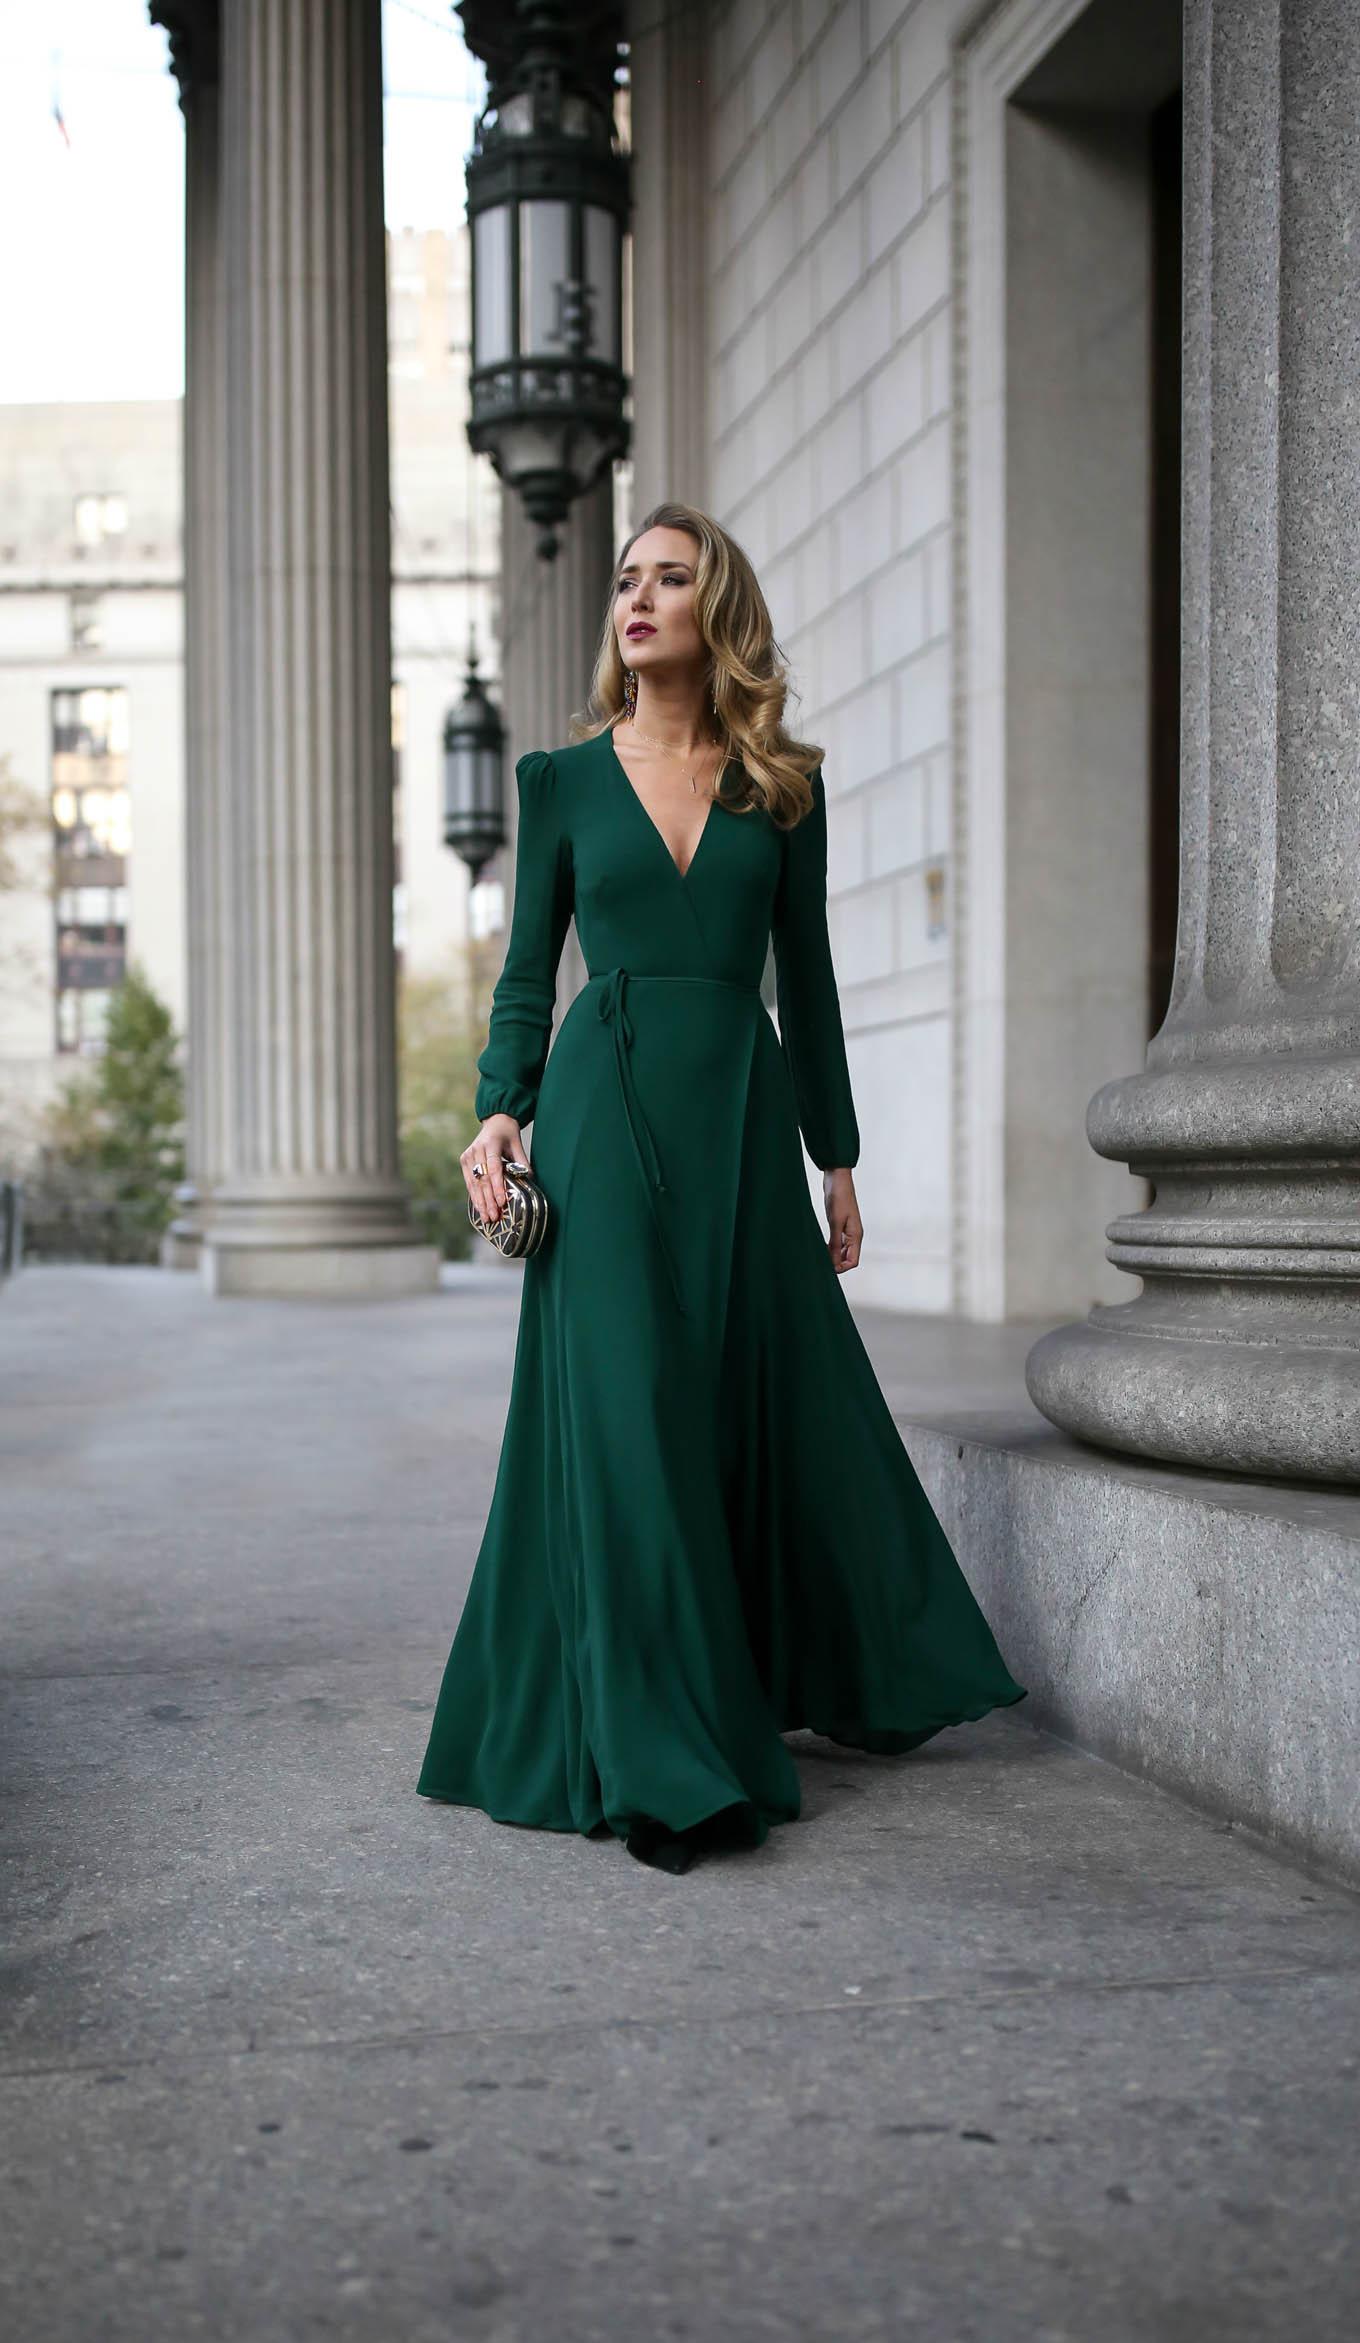 15 Einzigartig Abendkleider Winter Bester Preis20 Großartig Abendkleider Winter Stylish